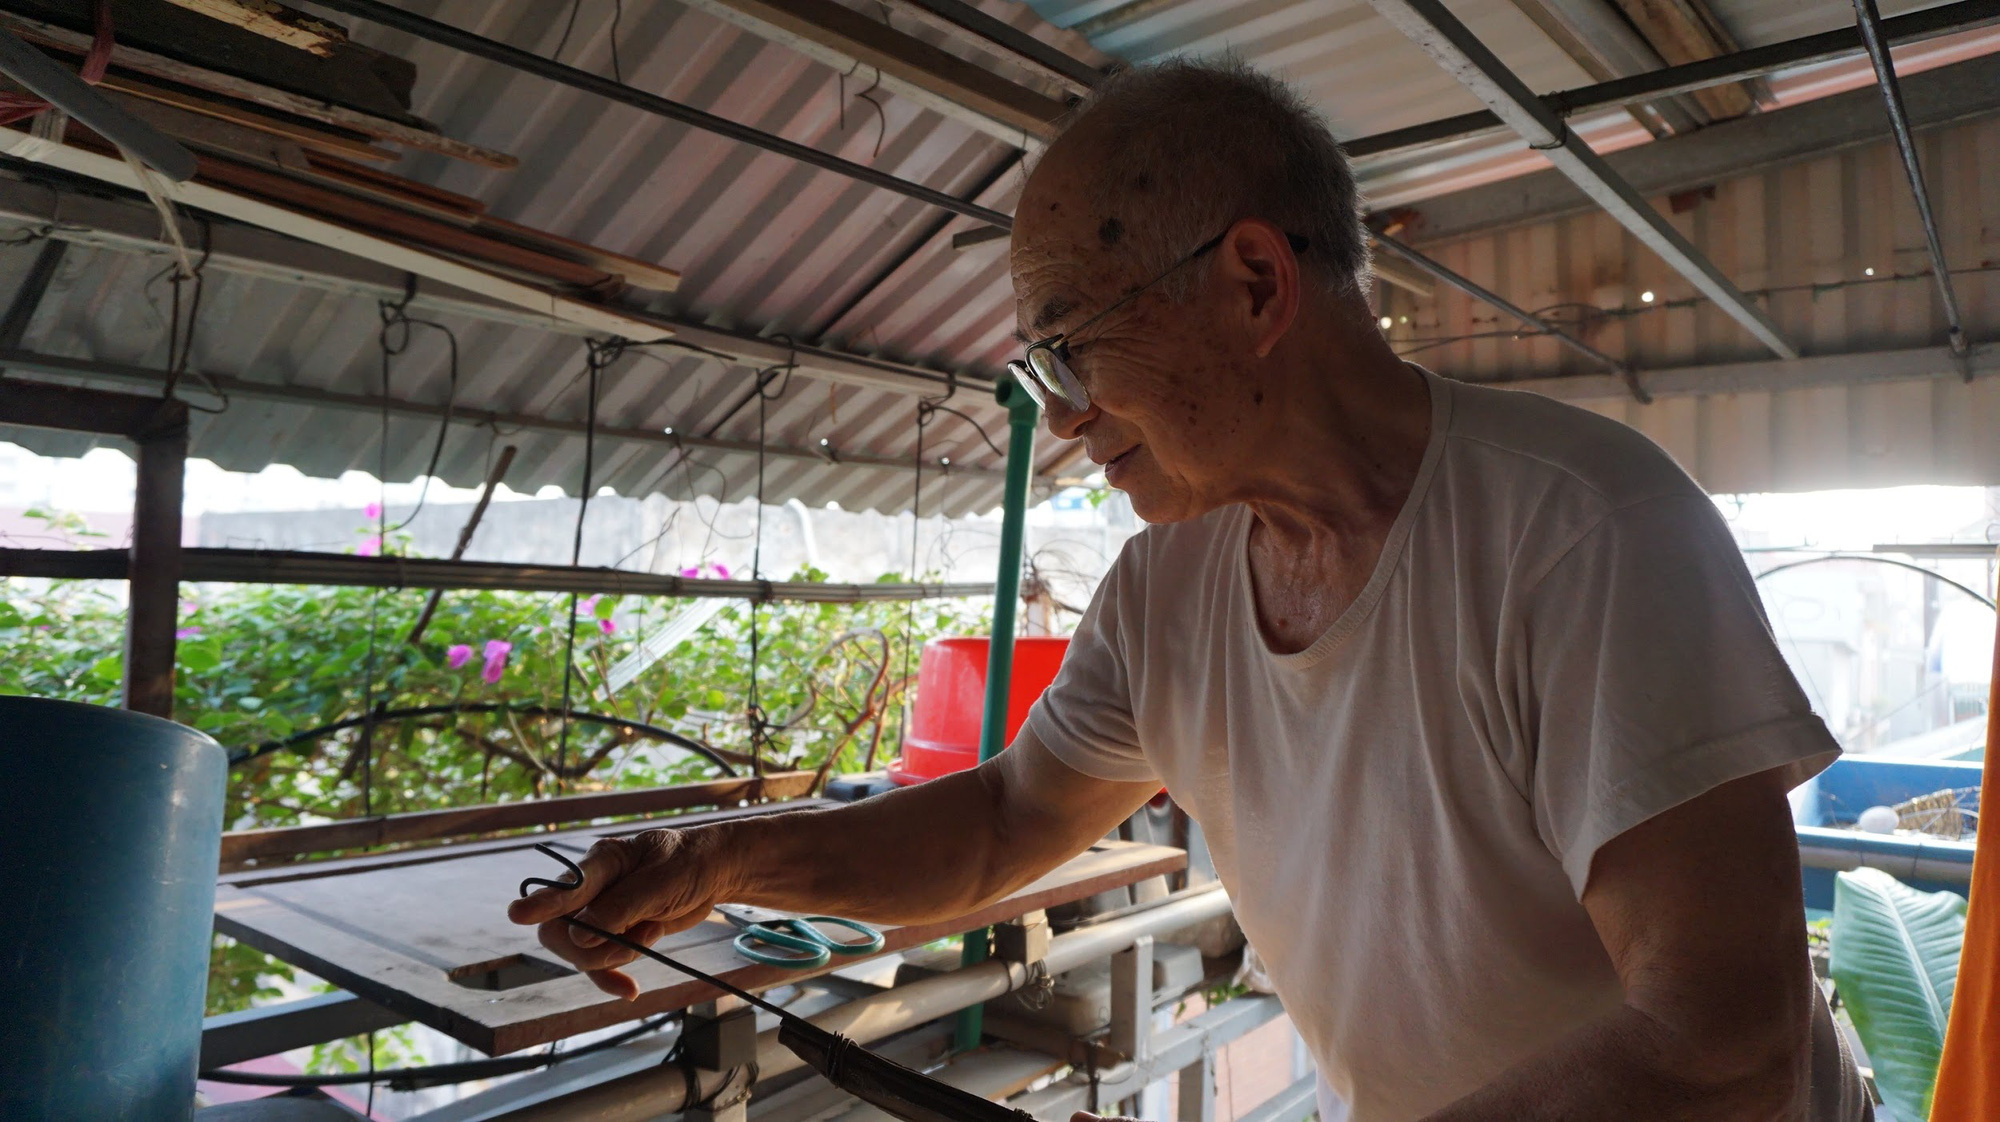 Nhà cây 5 tầng phủ kín hoa giấy ở Hà Nội, ai đi qua cũng dừng lại ngắm - Ảnh 12.